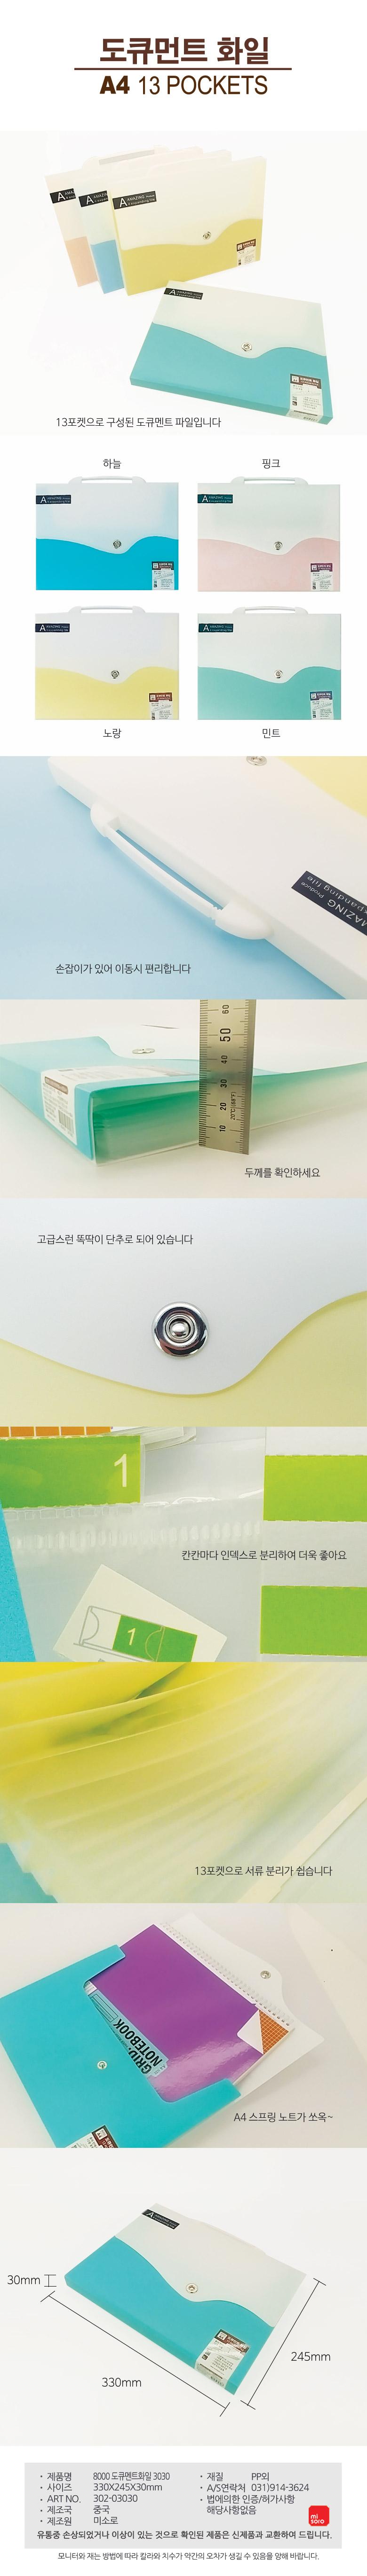 8000 도큐멘트 화일 3030 - 유앤알코리아, 8,000원, 문서/서류 정리, 파일/책꽂이